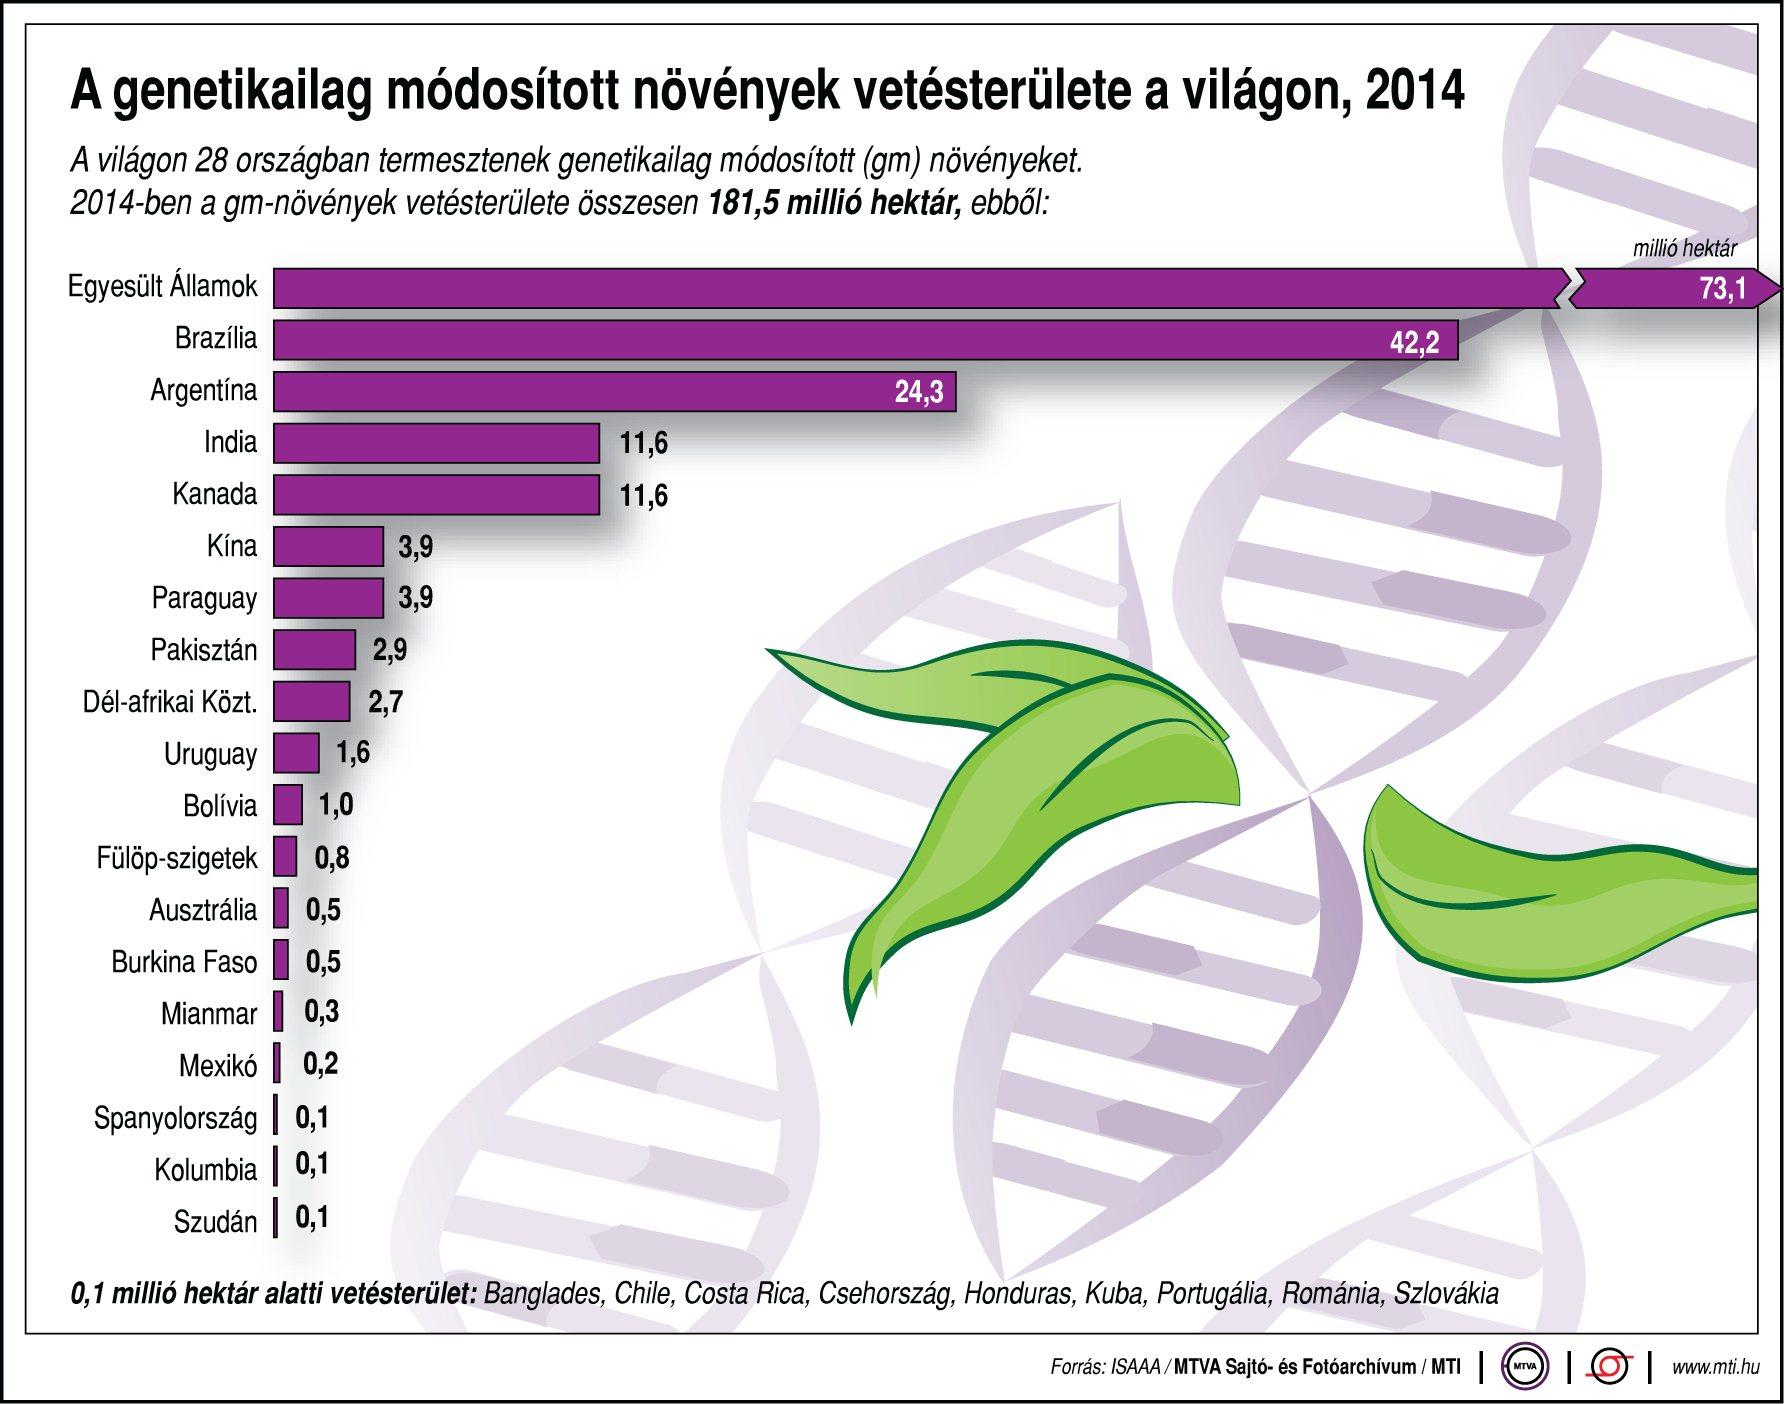 Itt termelik a legtöbb genetikailag módosított növényt